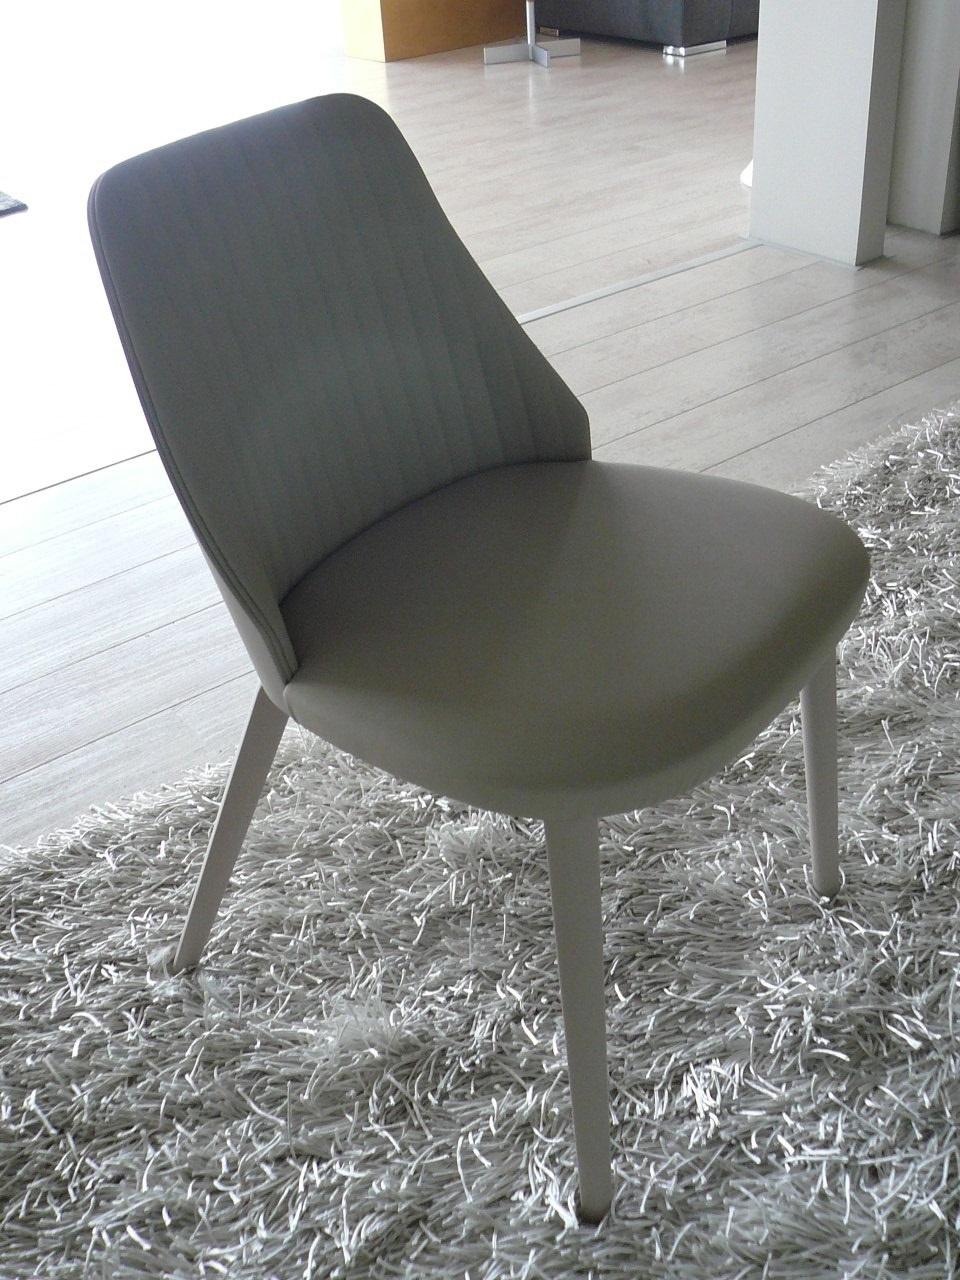 Sedia imbottita break design jesse sedie a prezzi scontati for Sedia imbottita